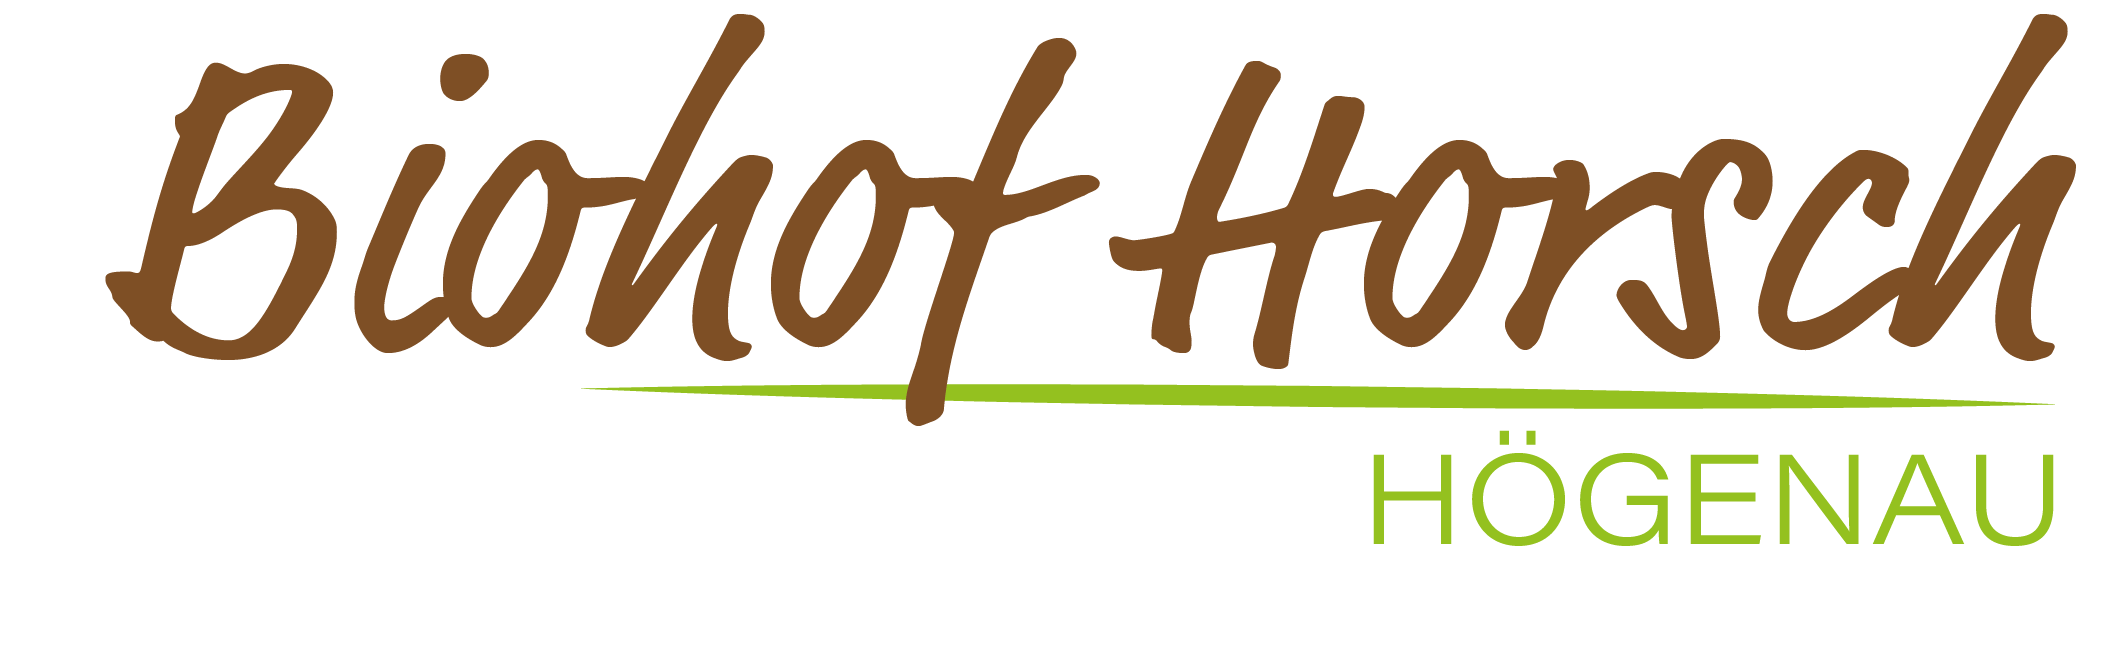 Biohof Horsch